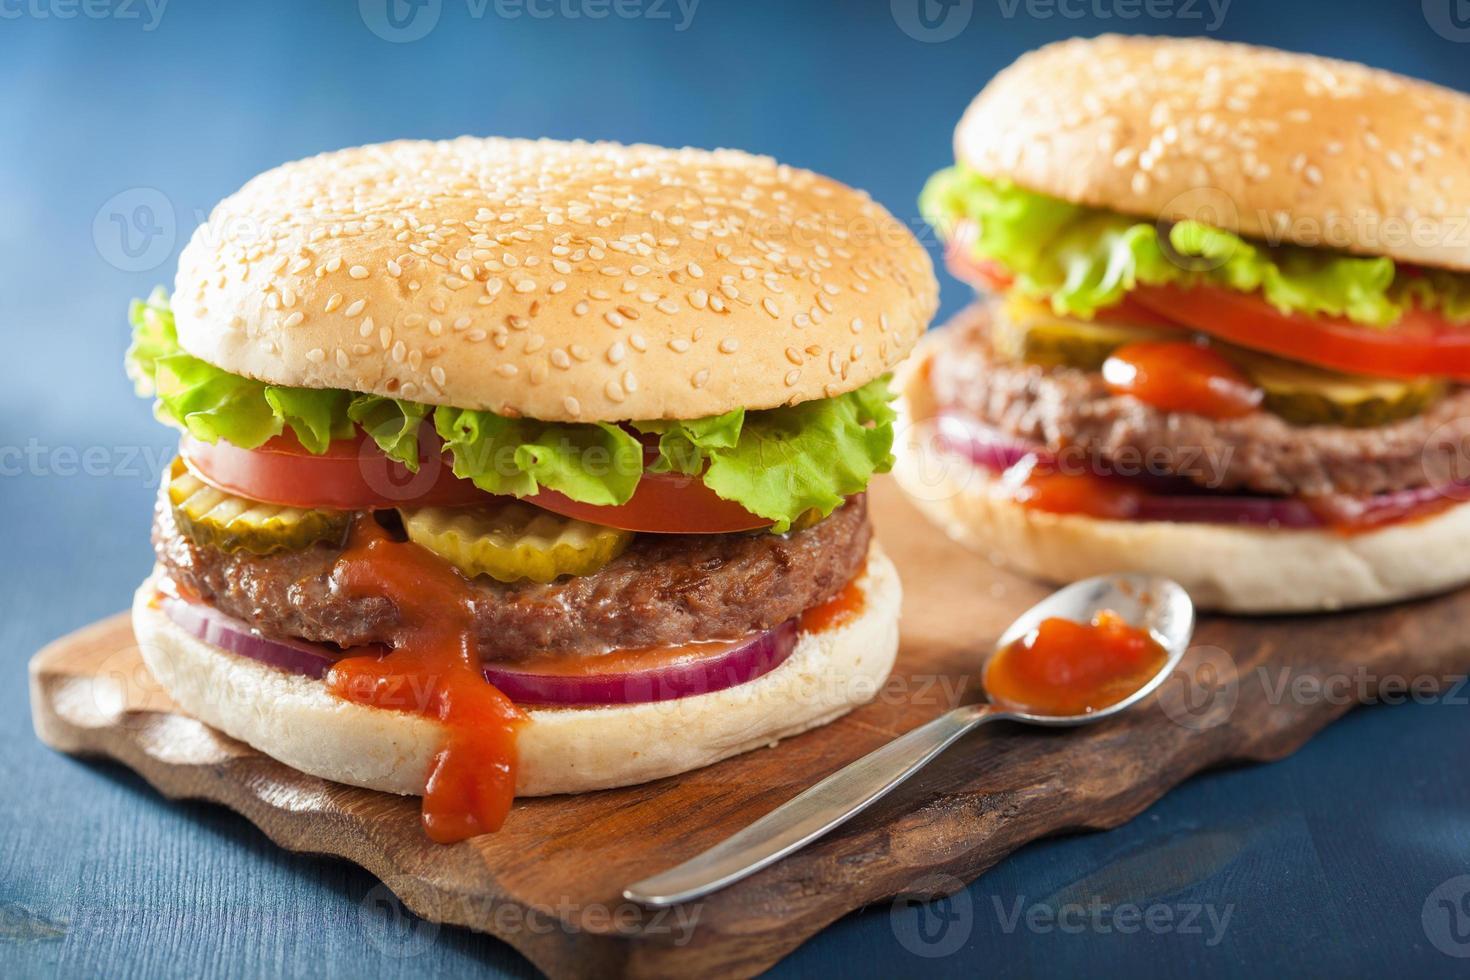 Burger mit Rinderpastetchen Salat Zwiebel Tomaten Ketchup foto